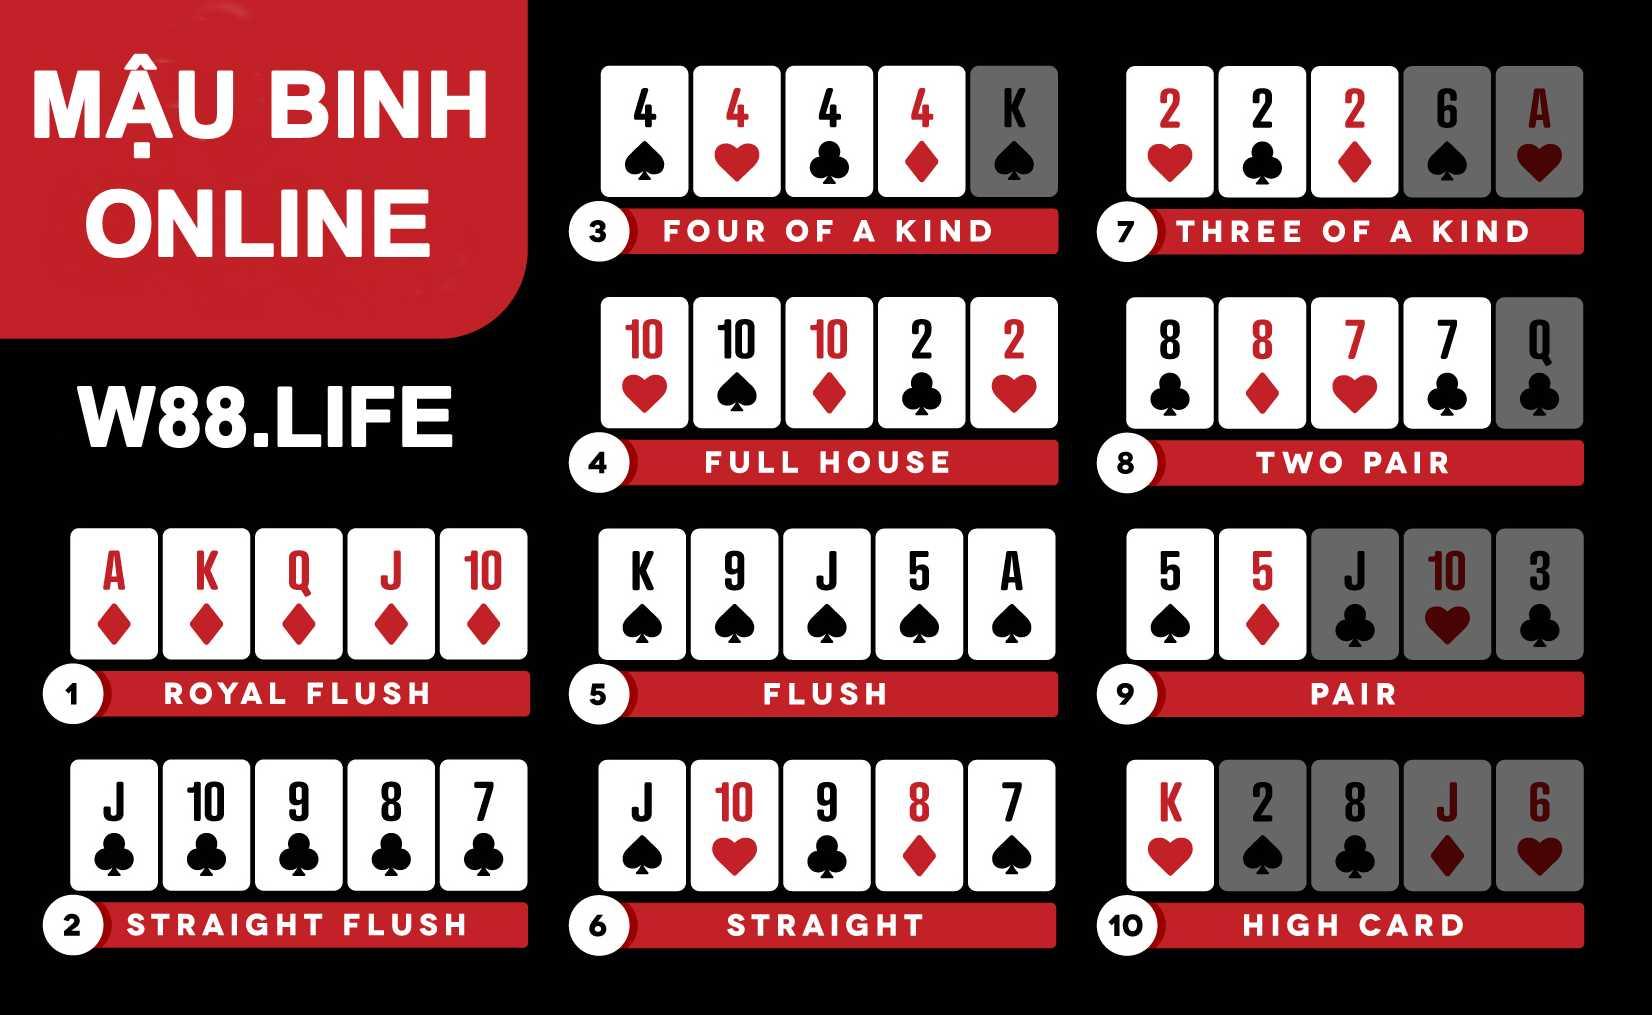 các nhóm bài trong mậu binh online